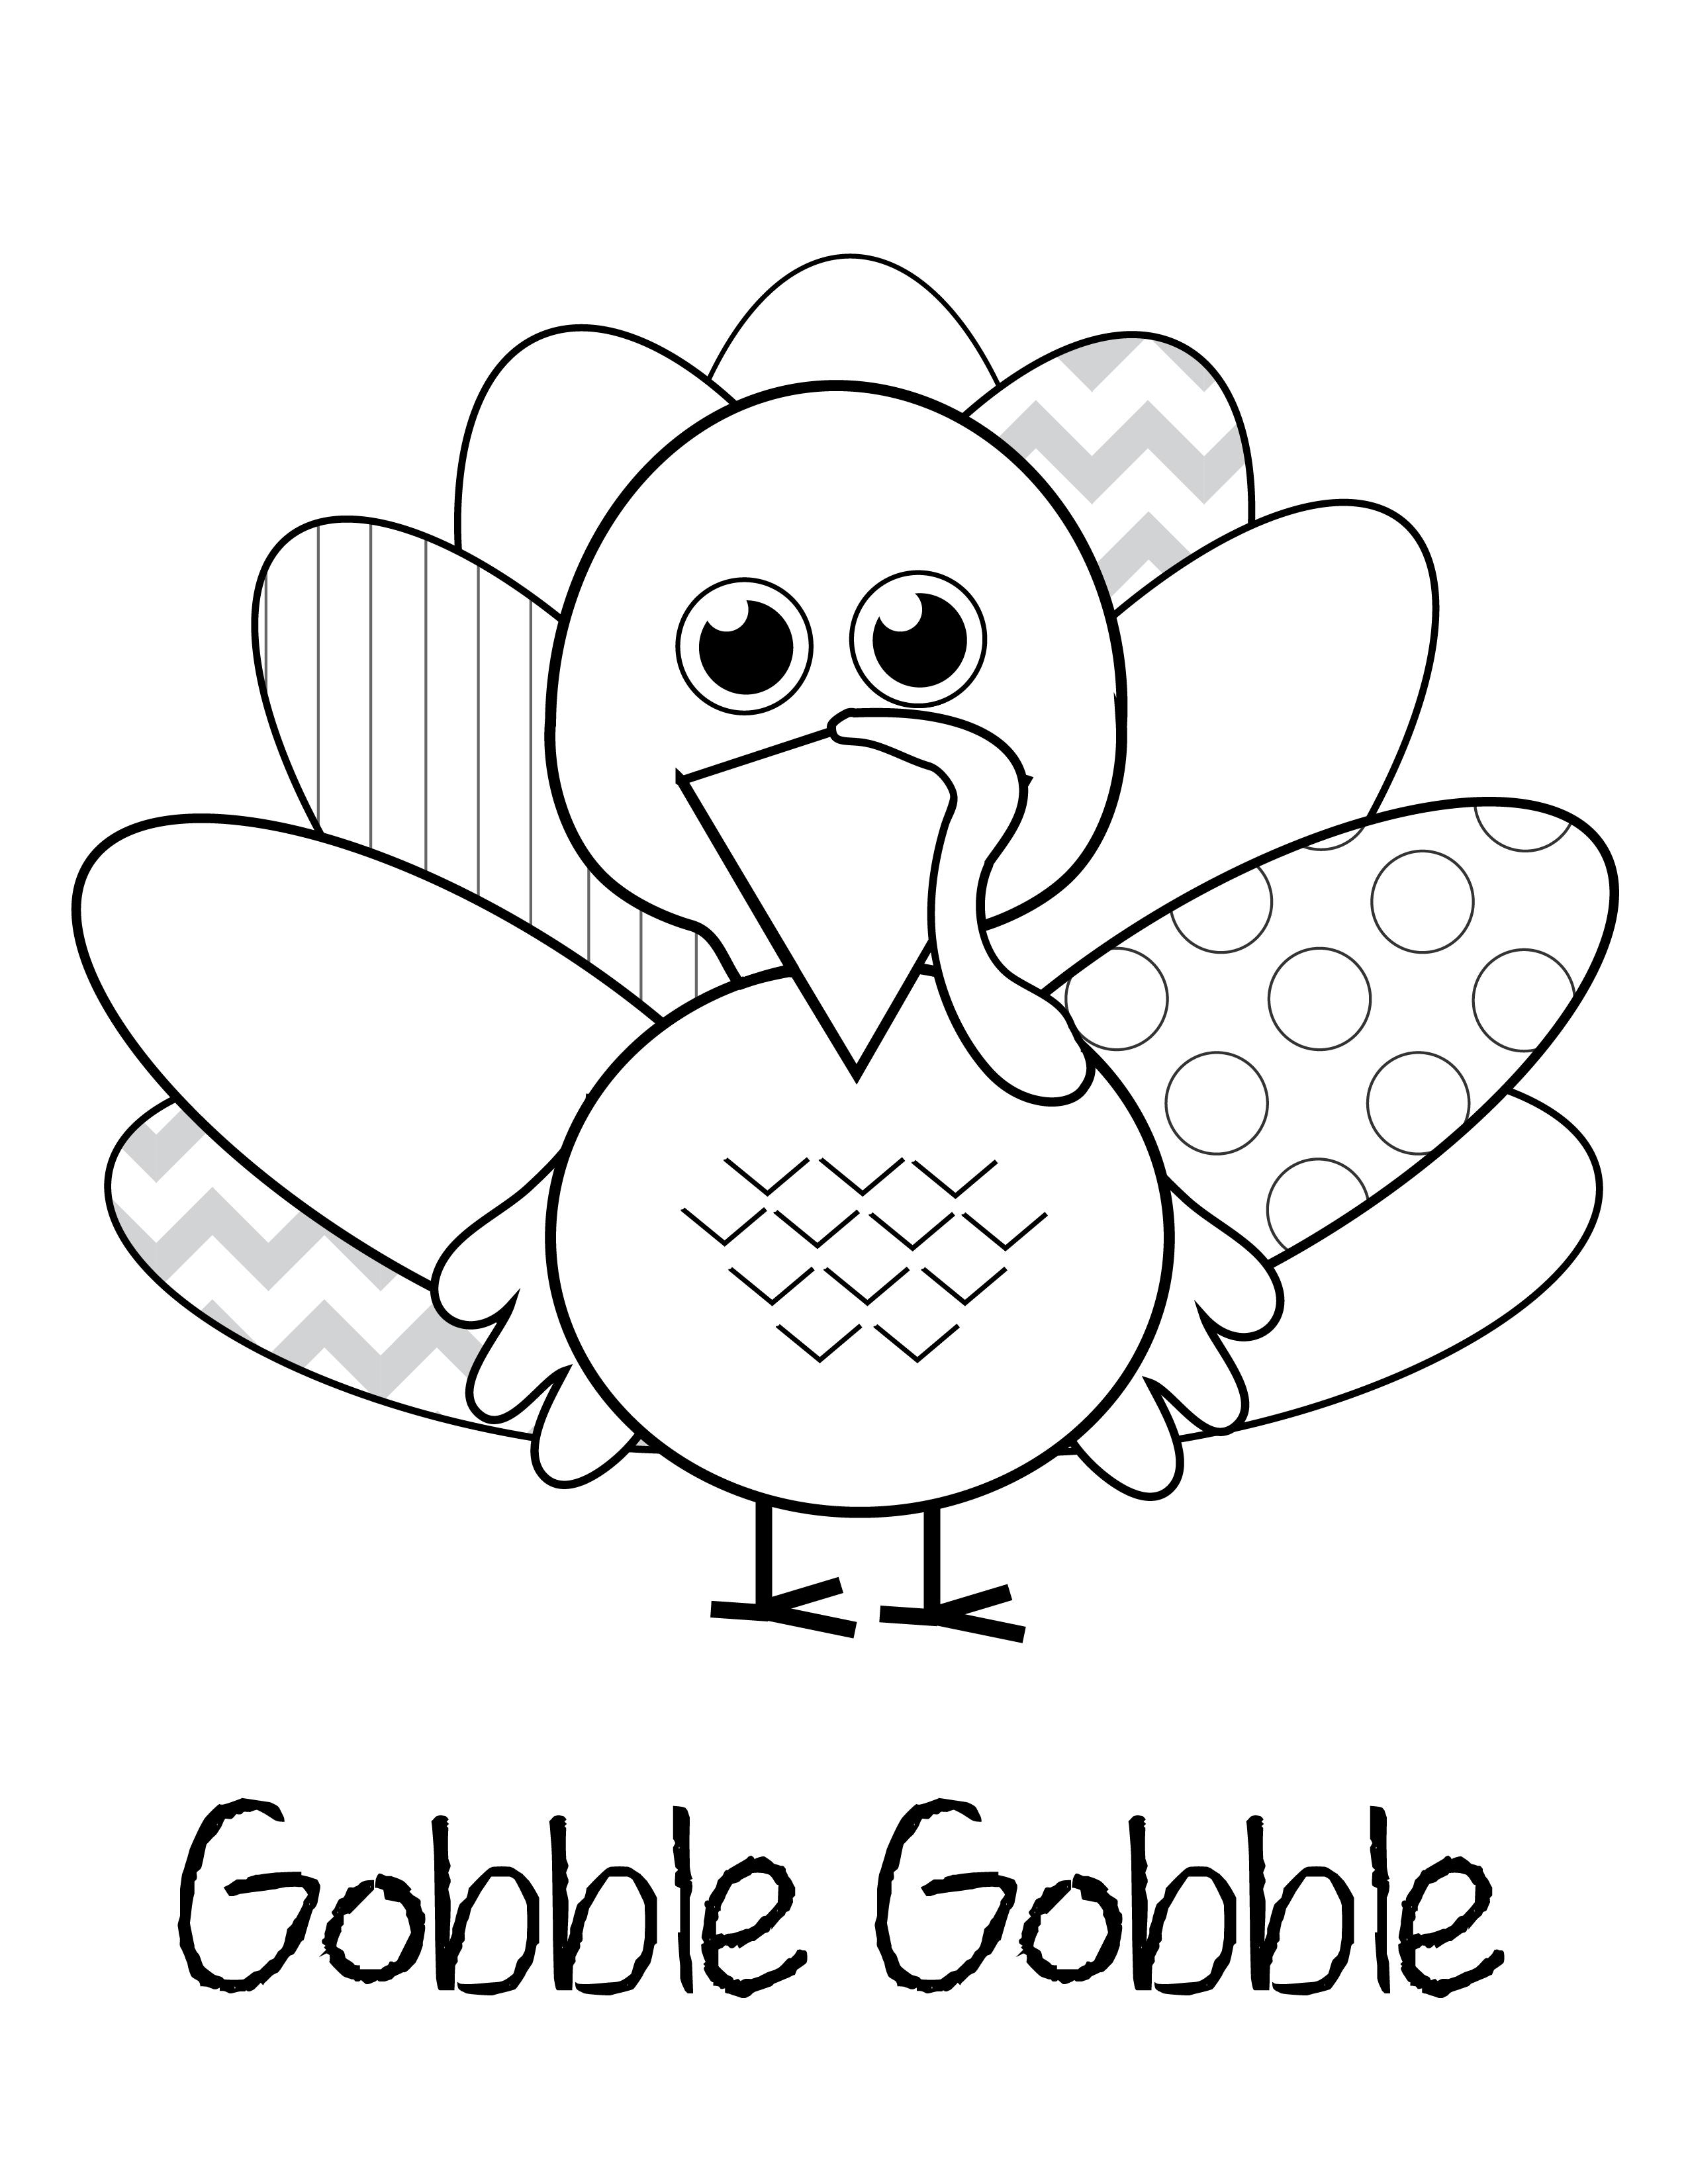 Free Thanksgiving Printables | Kids Thanksgiving Ideas - Free Printable Thanksgiving Coloring Pages